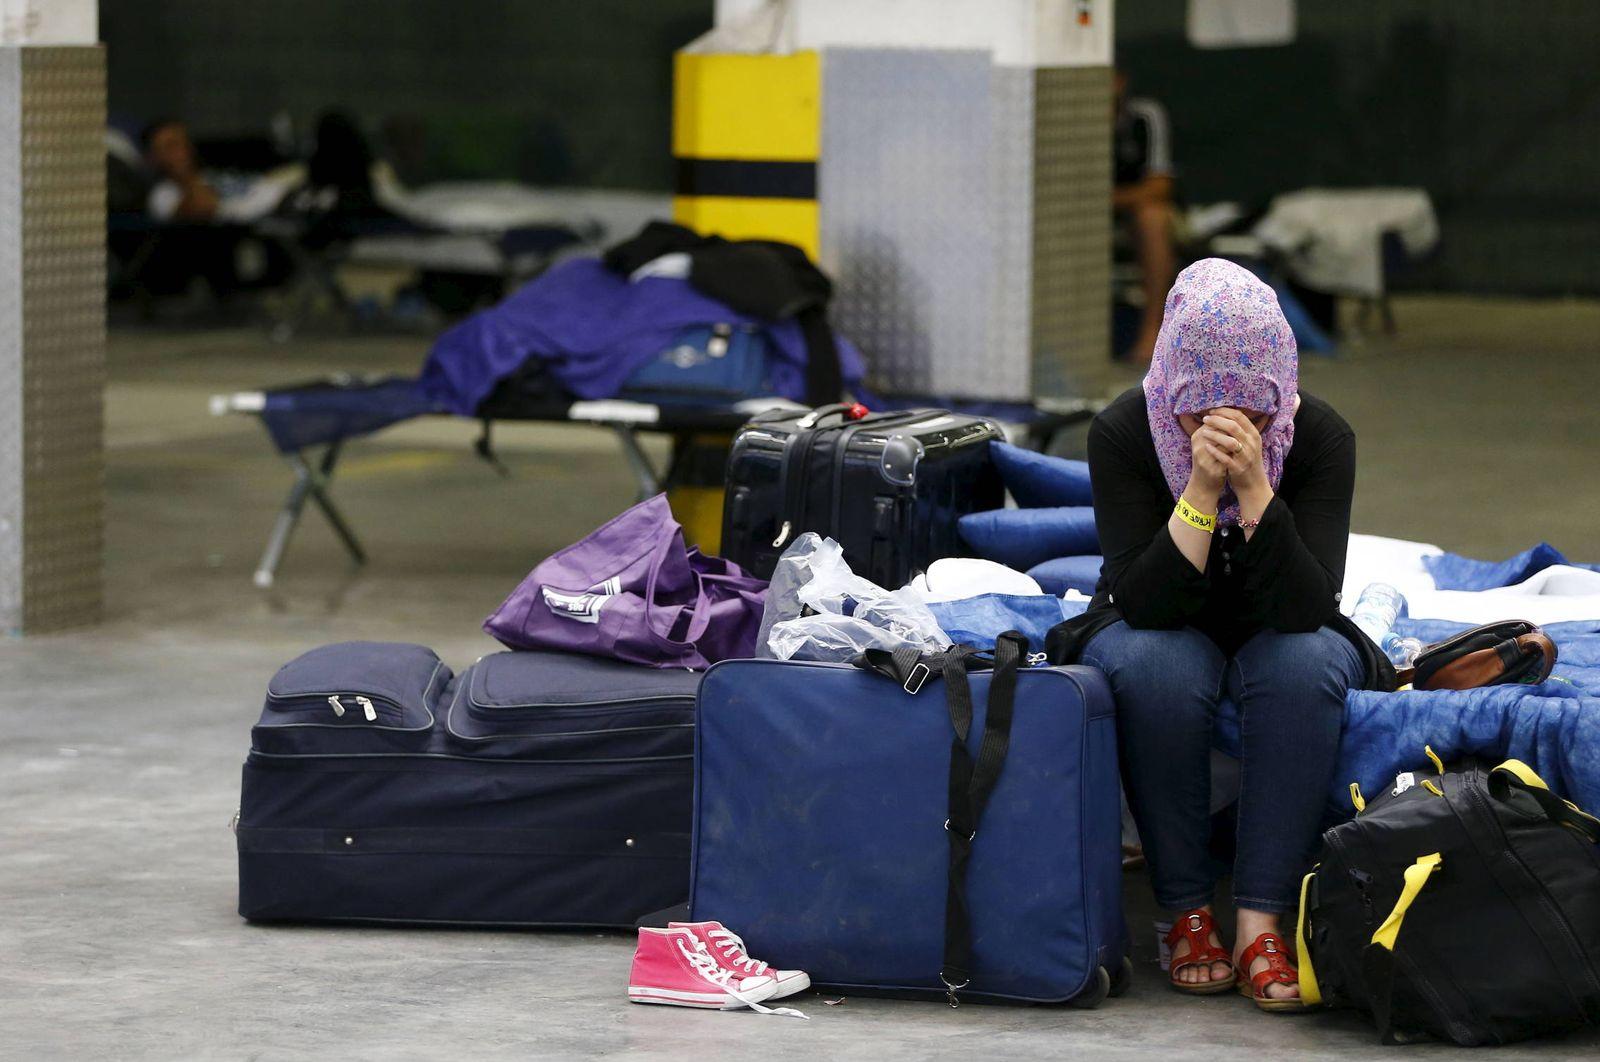 Foto: Una mujer siria llora en un centro de internamiento de refugiados en Neu-Isenburg, en las afueras de Fráncfort (Reuters).